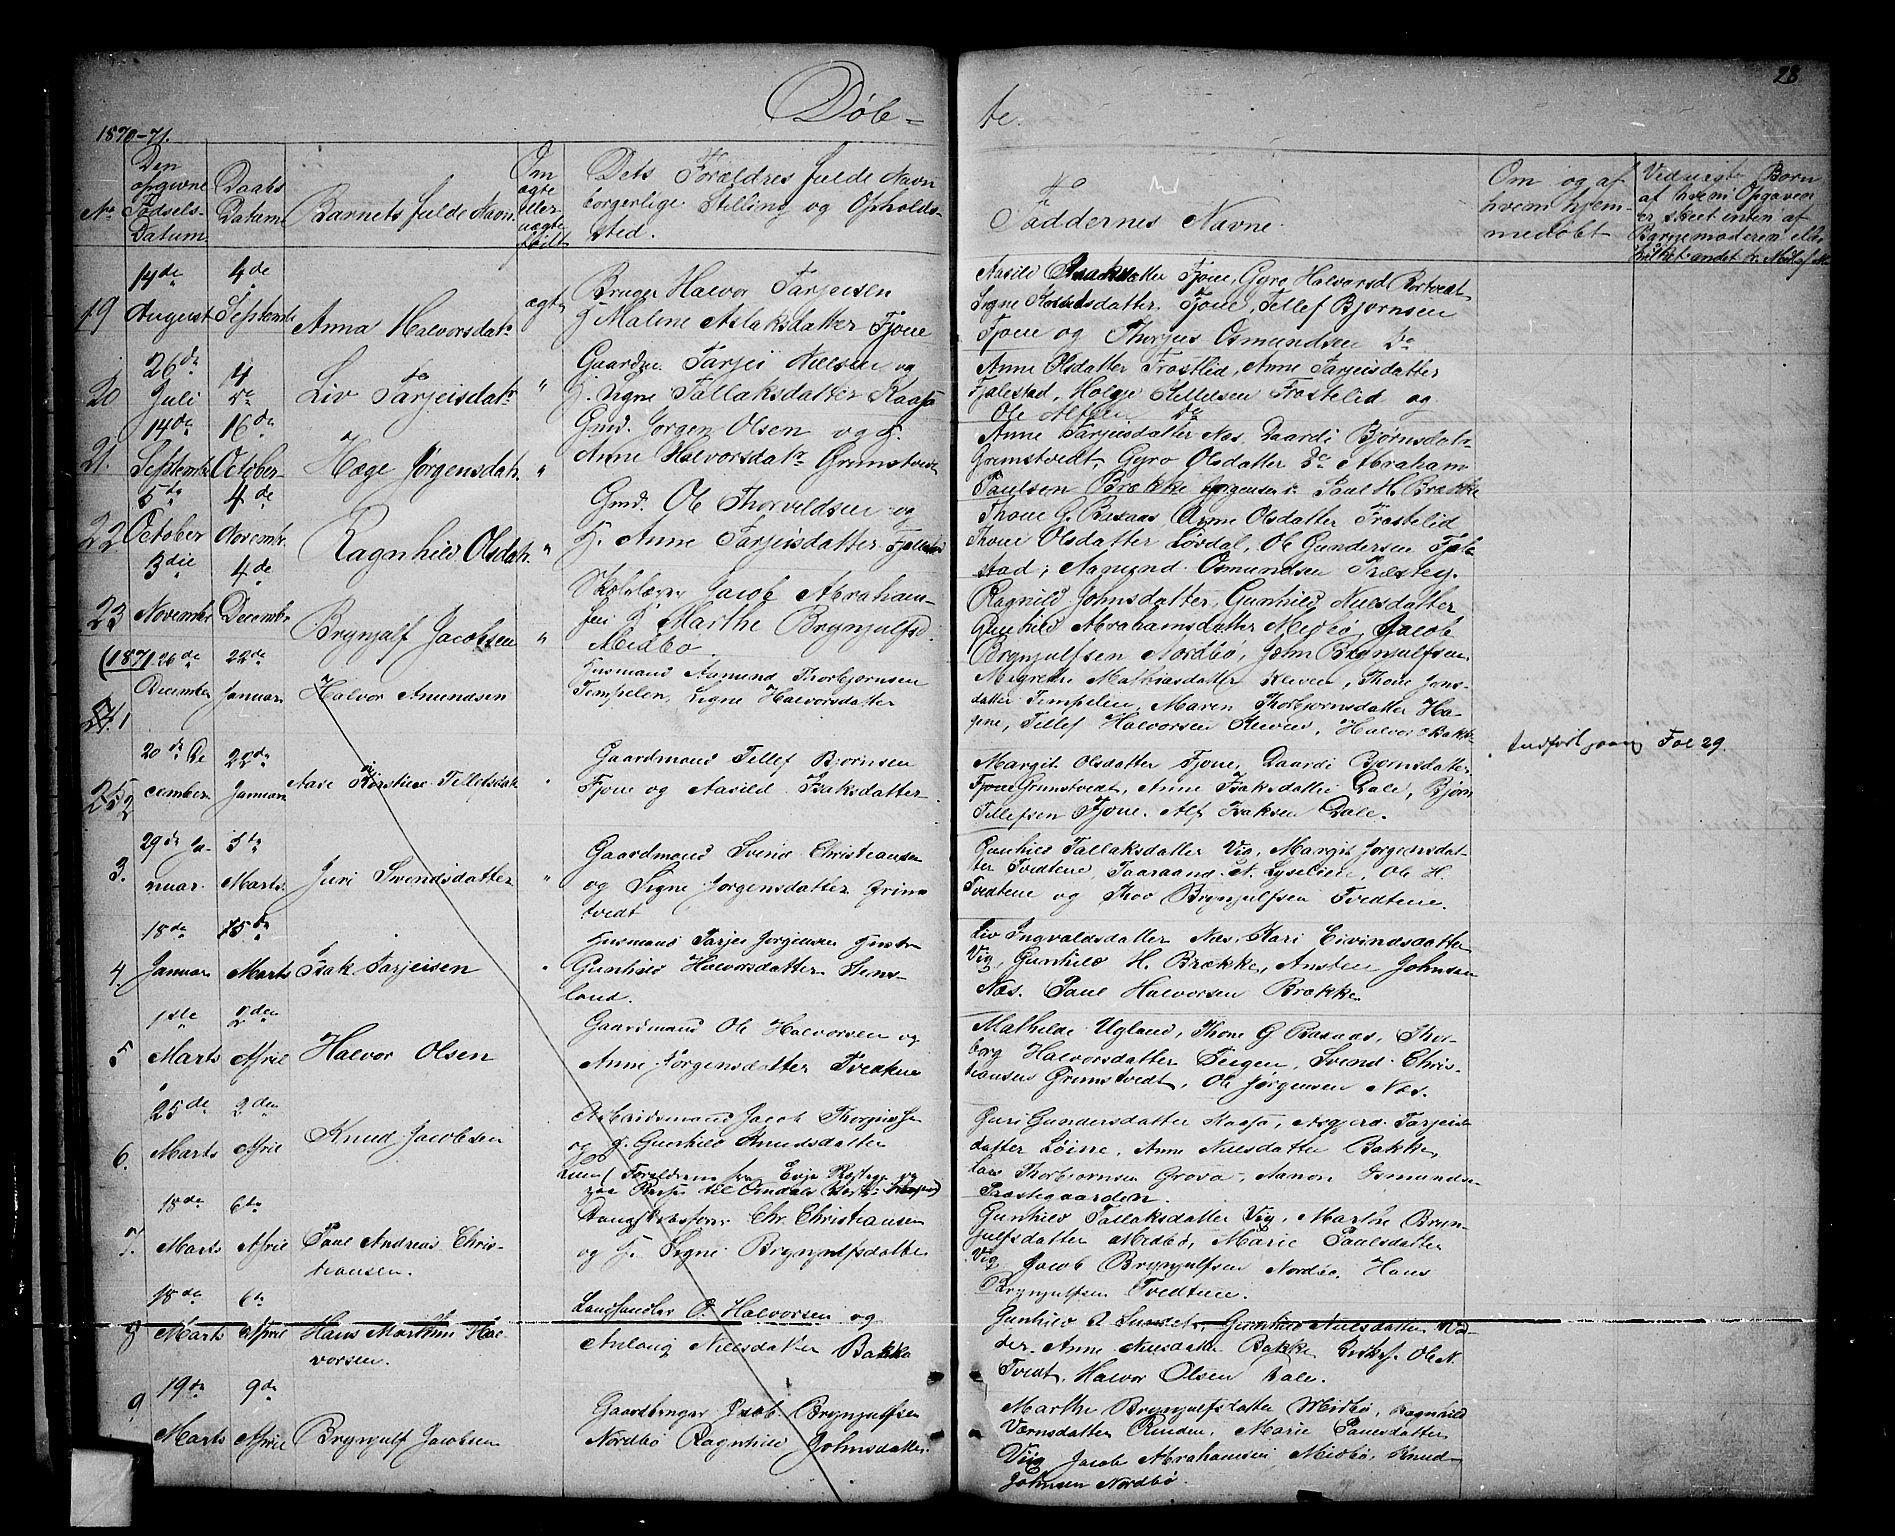 SAKO, Nissedal kirkebøker, G/Ga/L0002: Klokkerbok nr. I 2, 1861-1887, s. 28